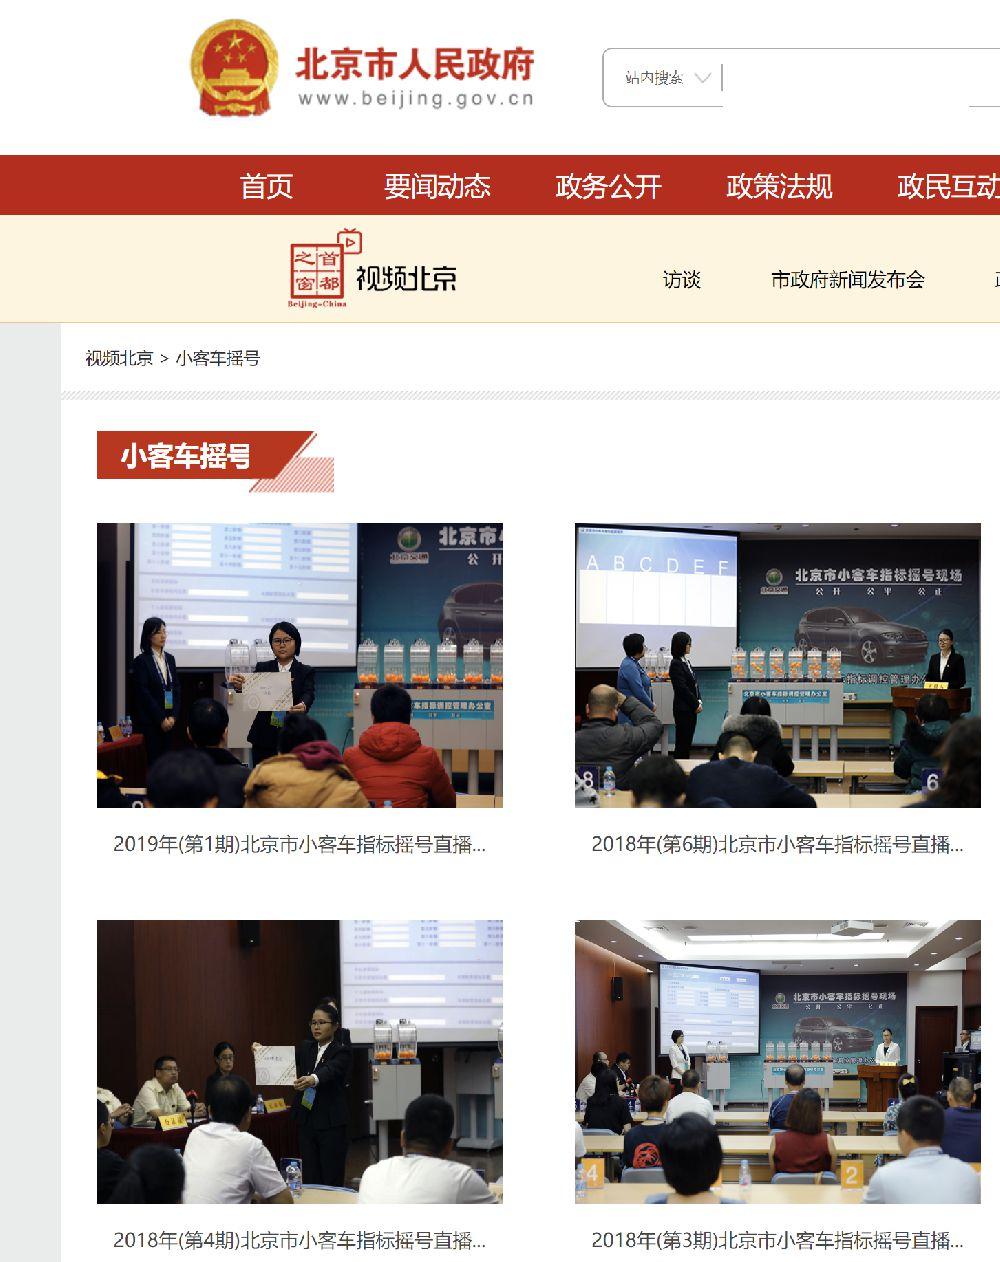 2019年第2期北京小客车摇号时间摇号直播及摇号结果查询入口